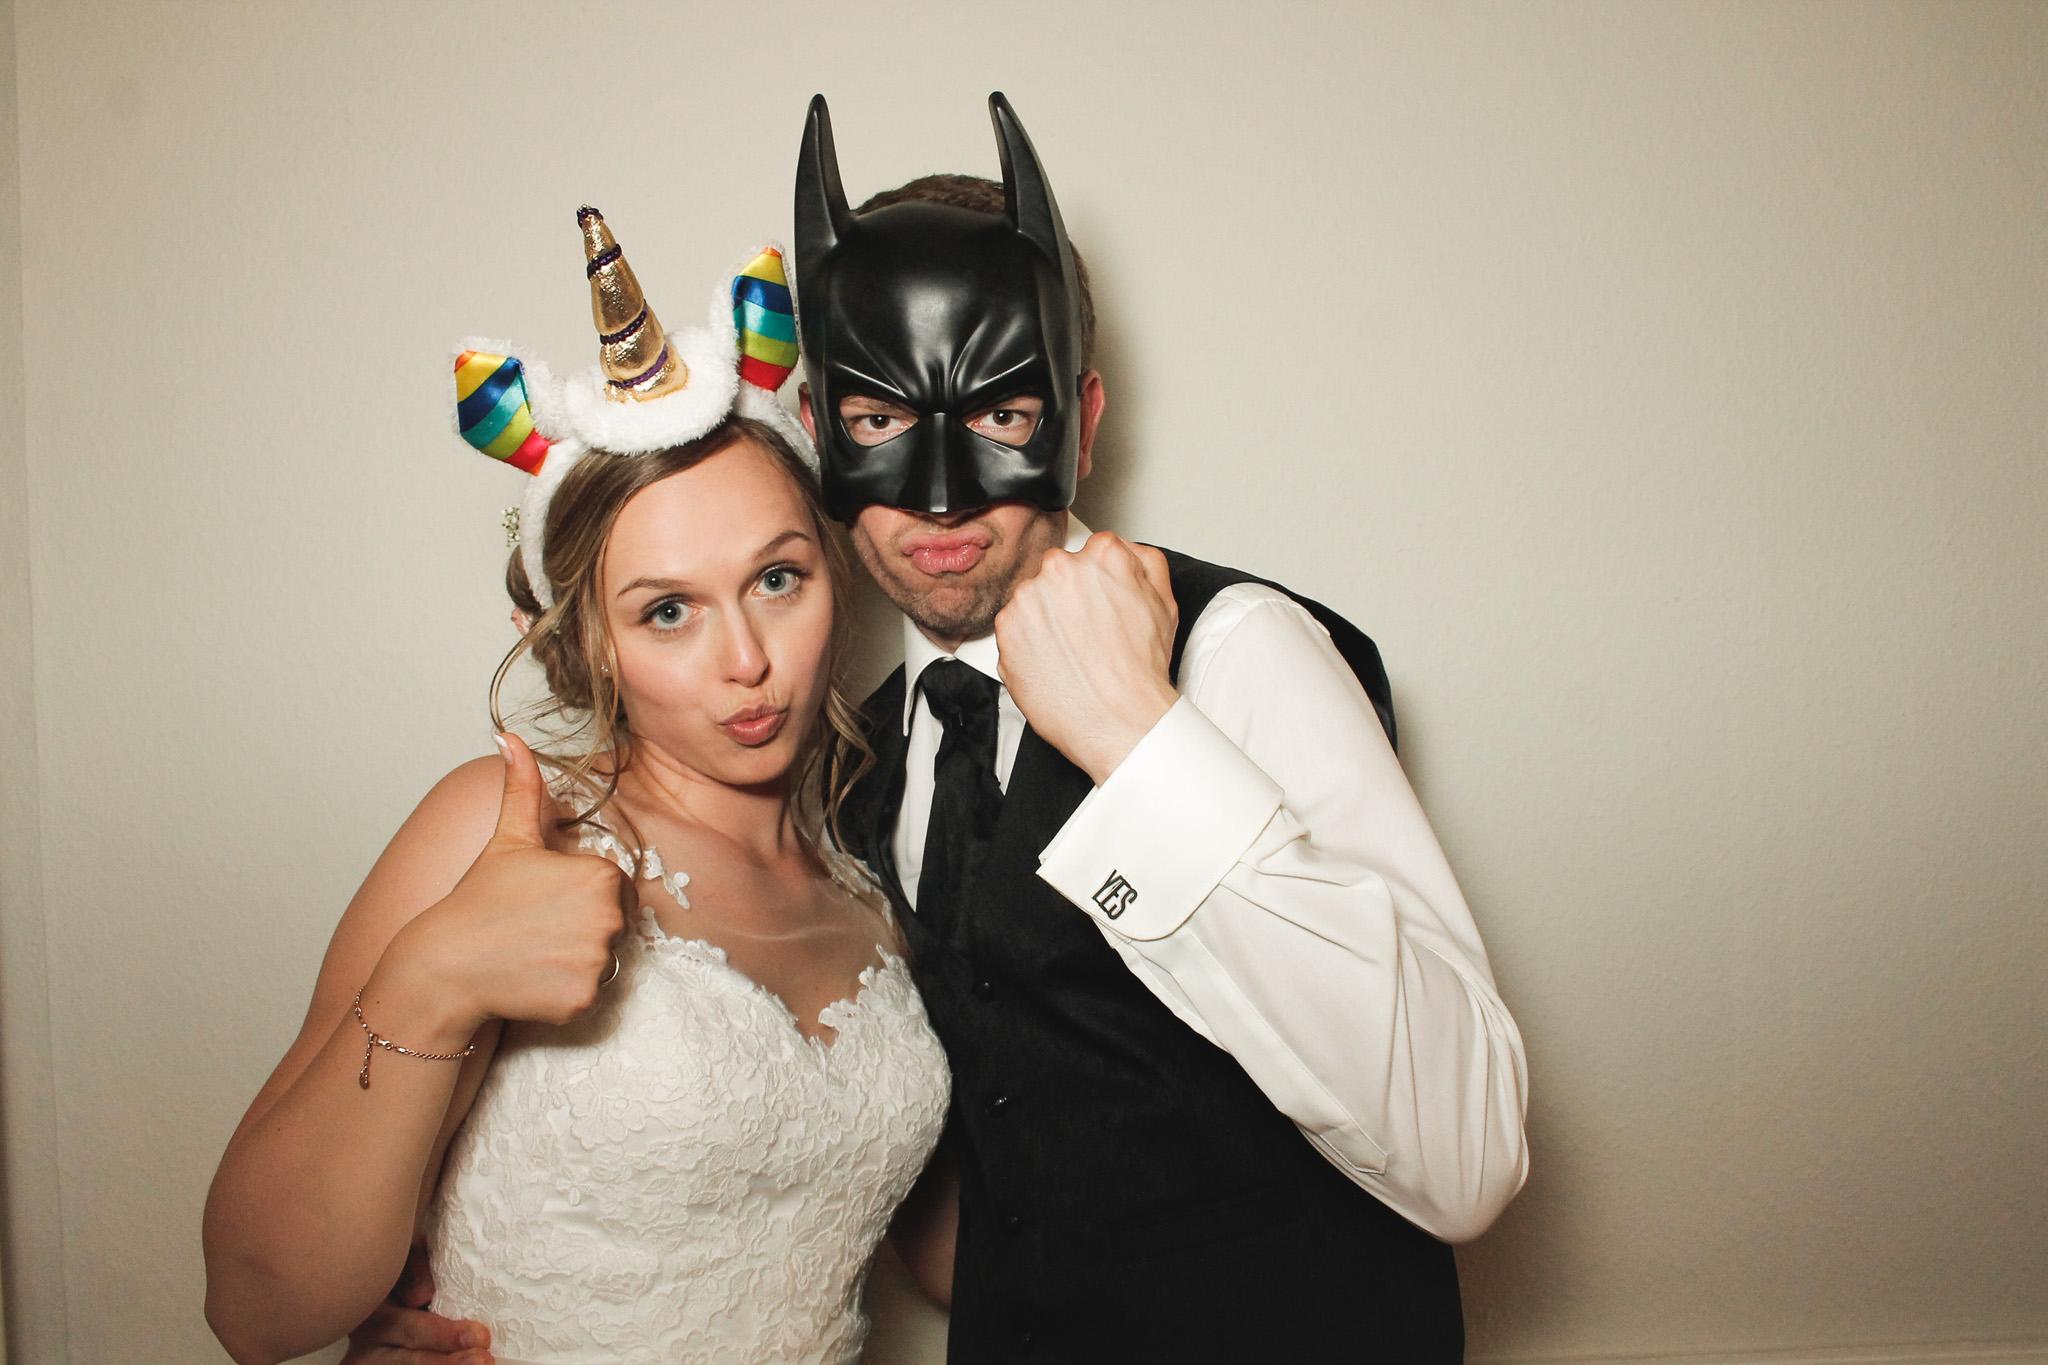 photobooth_hochzeit_wedding_emma_nick_erfurt_weimar_jena_002.jpg